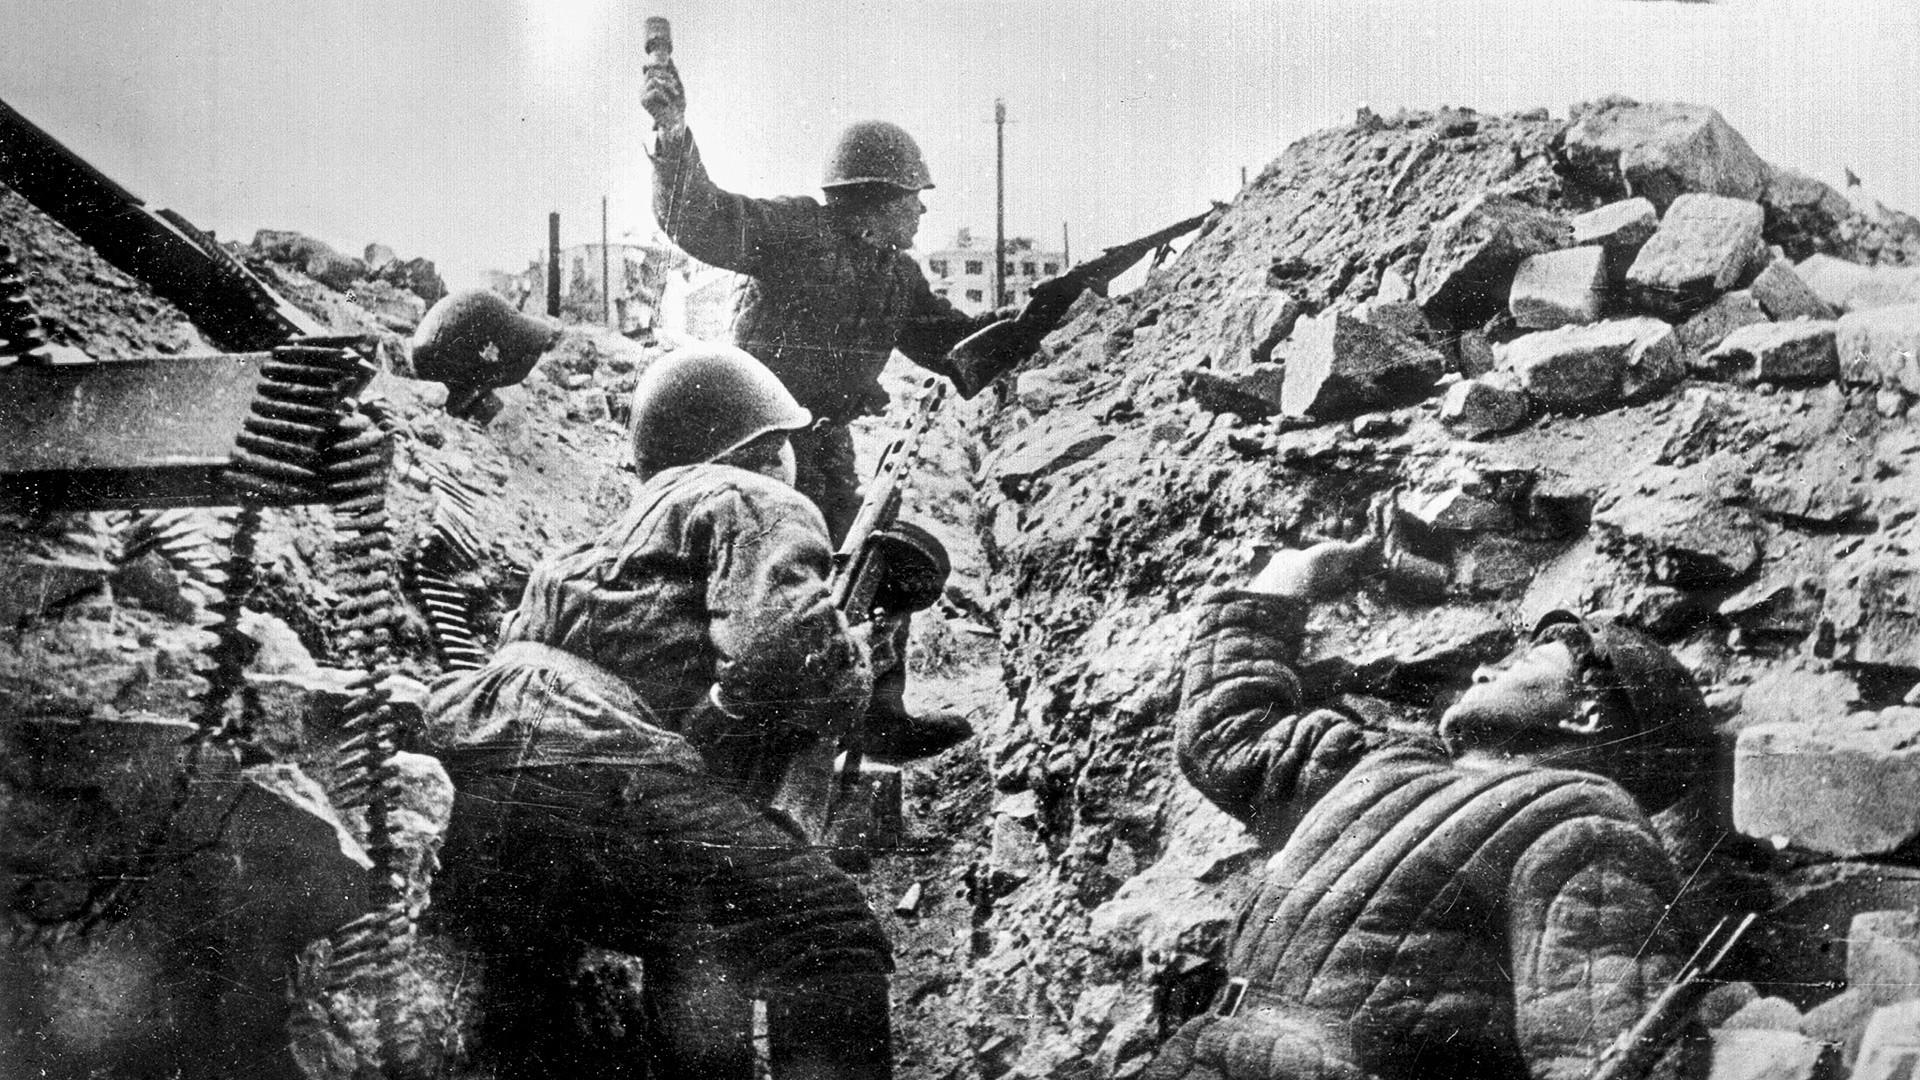 Други светски рат. Битка за Стаљинград. Руски војници.